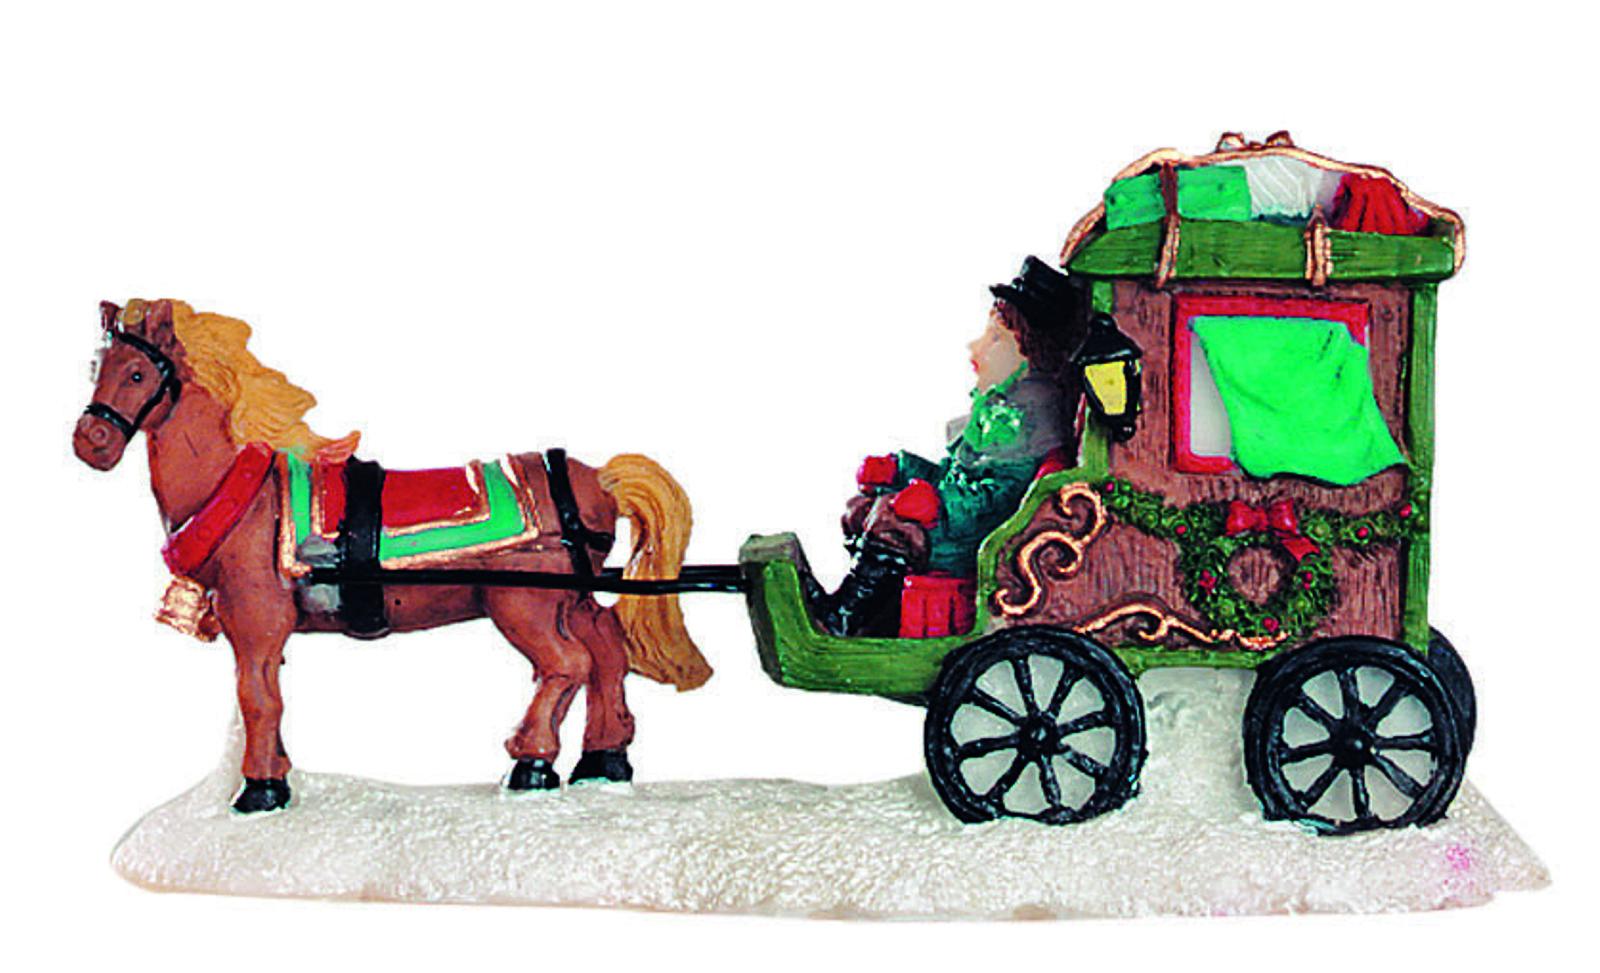 #128E71 Maison Lumineuse G.Wurm Miniature Père Noël Personne De  5319 decorations de noel a vendre 1600x973 px @ aertt.com